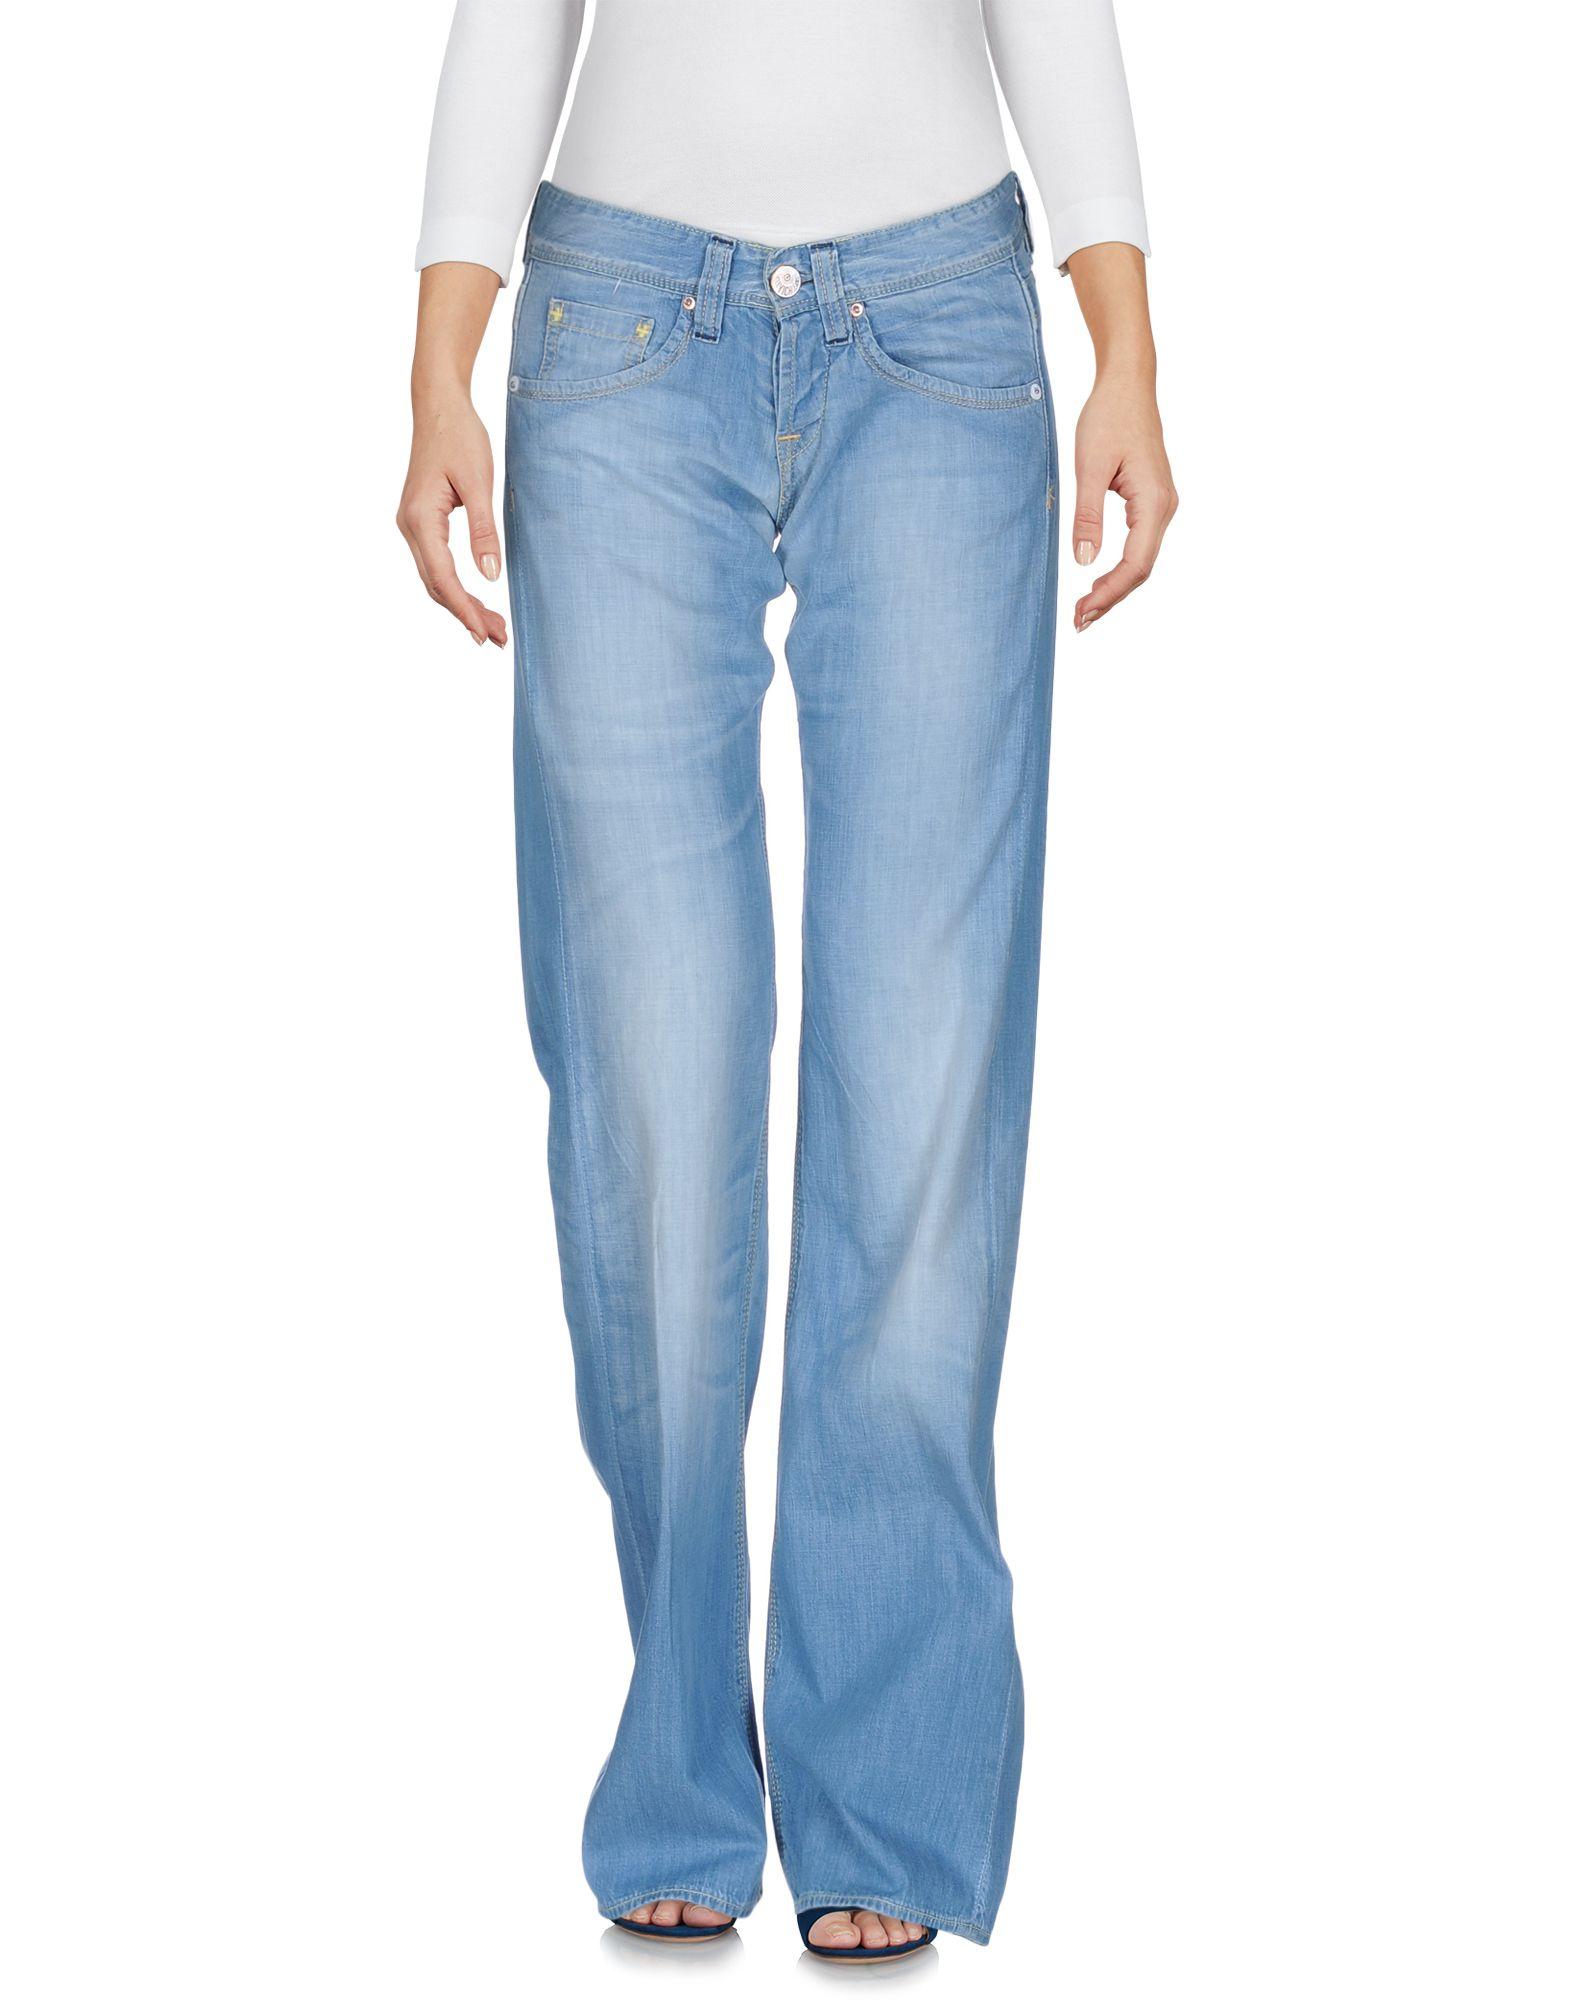 KUYICHI Damen Jeanshose Farbe Blau Größe 3 jetztbilligerkaufen